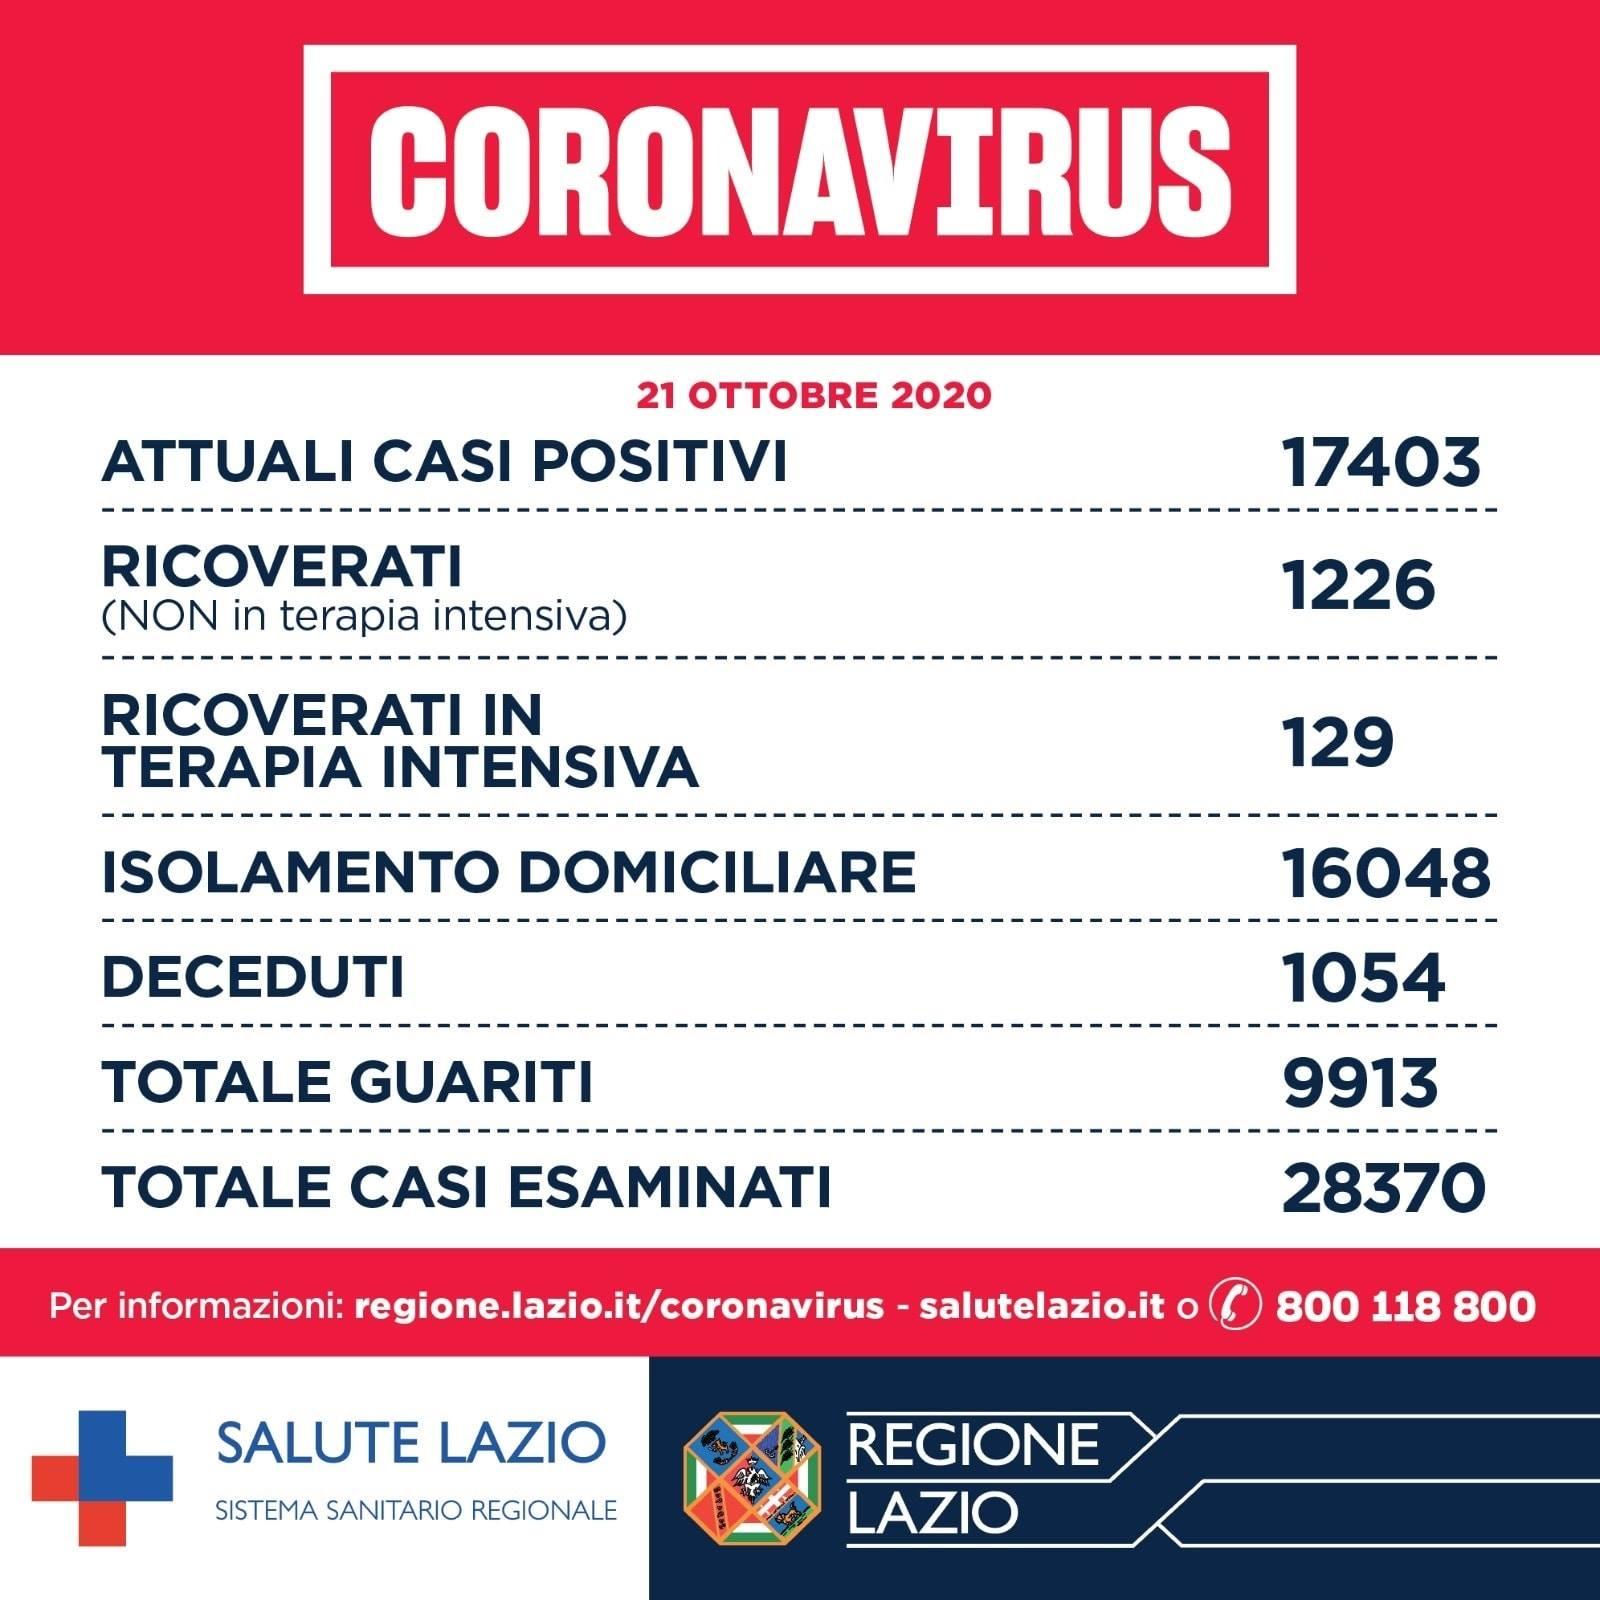 Coronavirus nel Lazio, continua la crescita rapida dei contagi, 16 i morti: i dati di oggi 21 ottobre